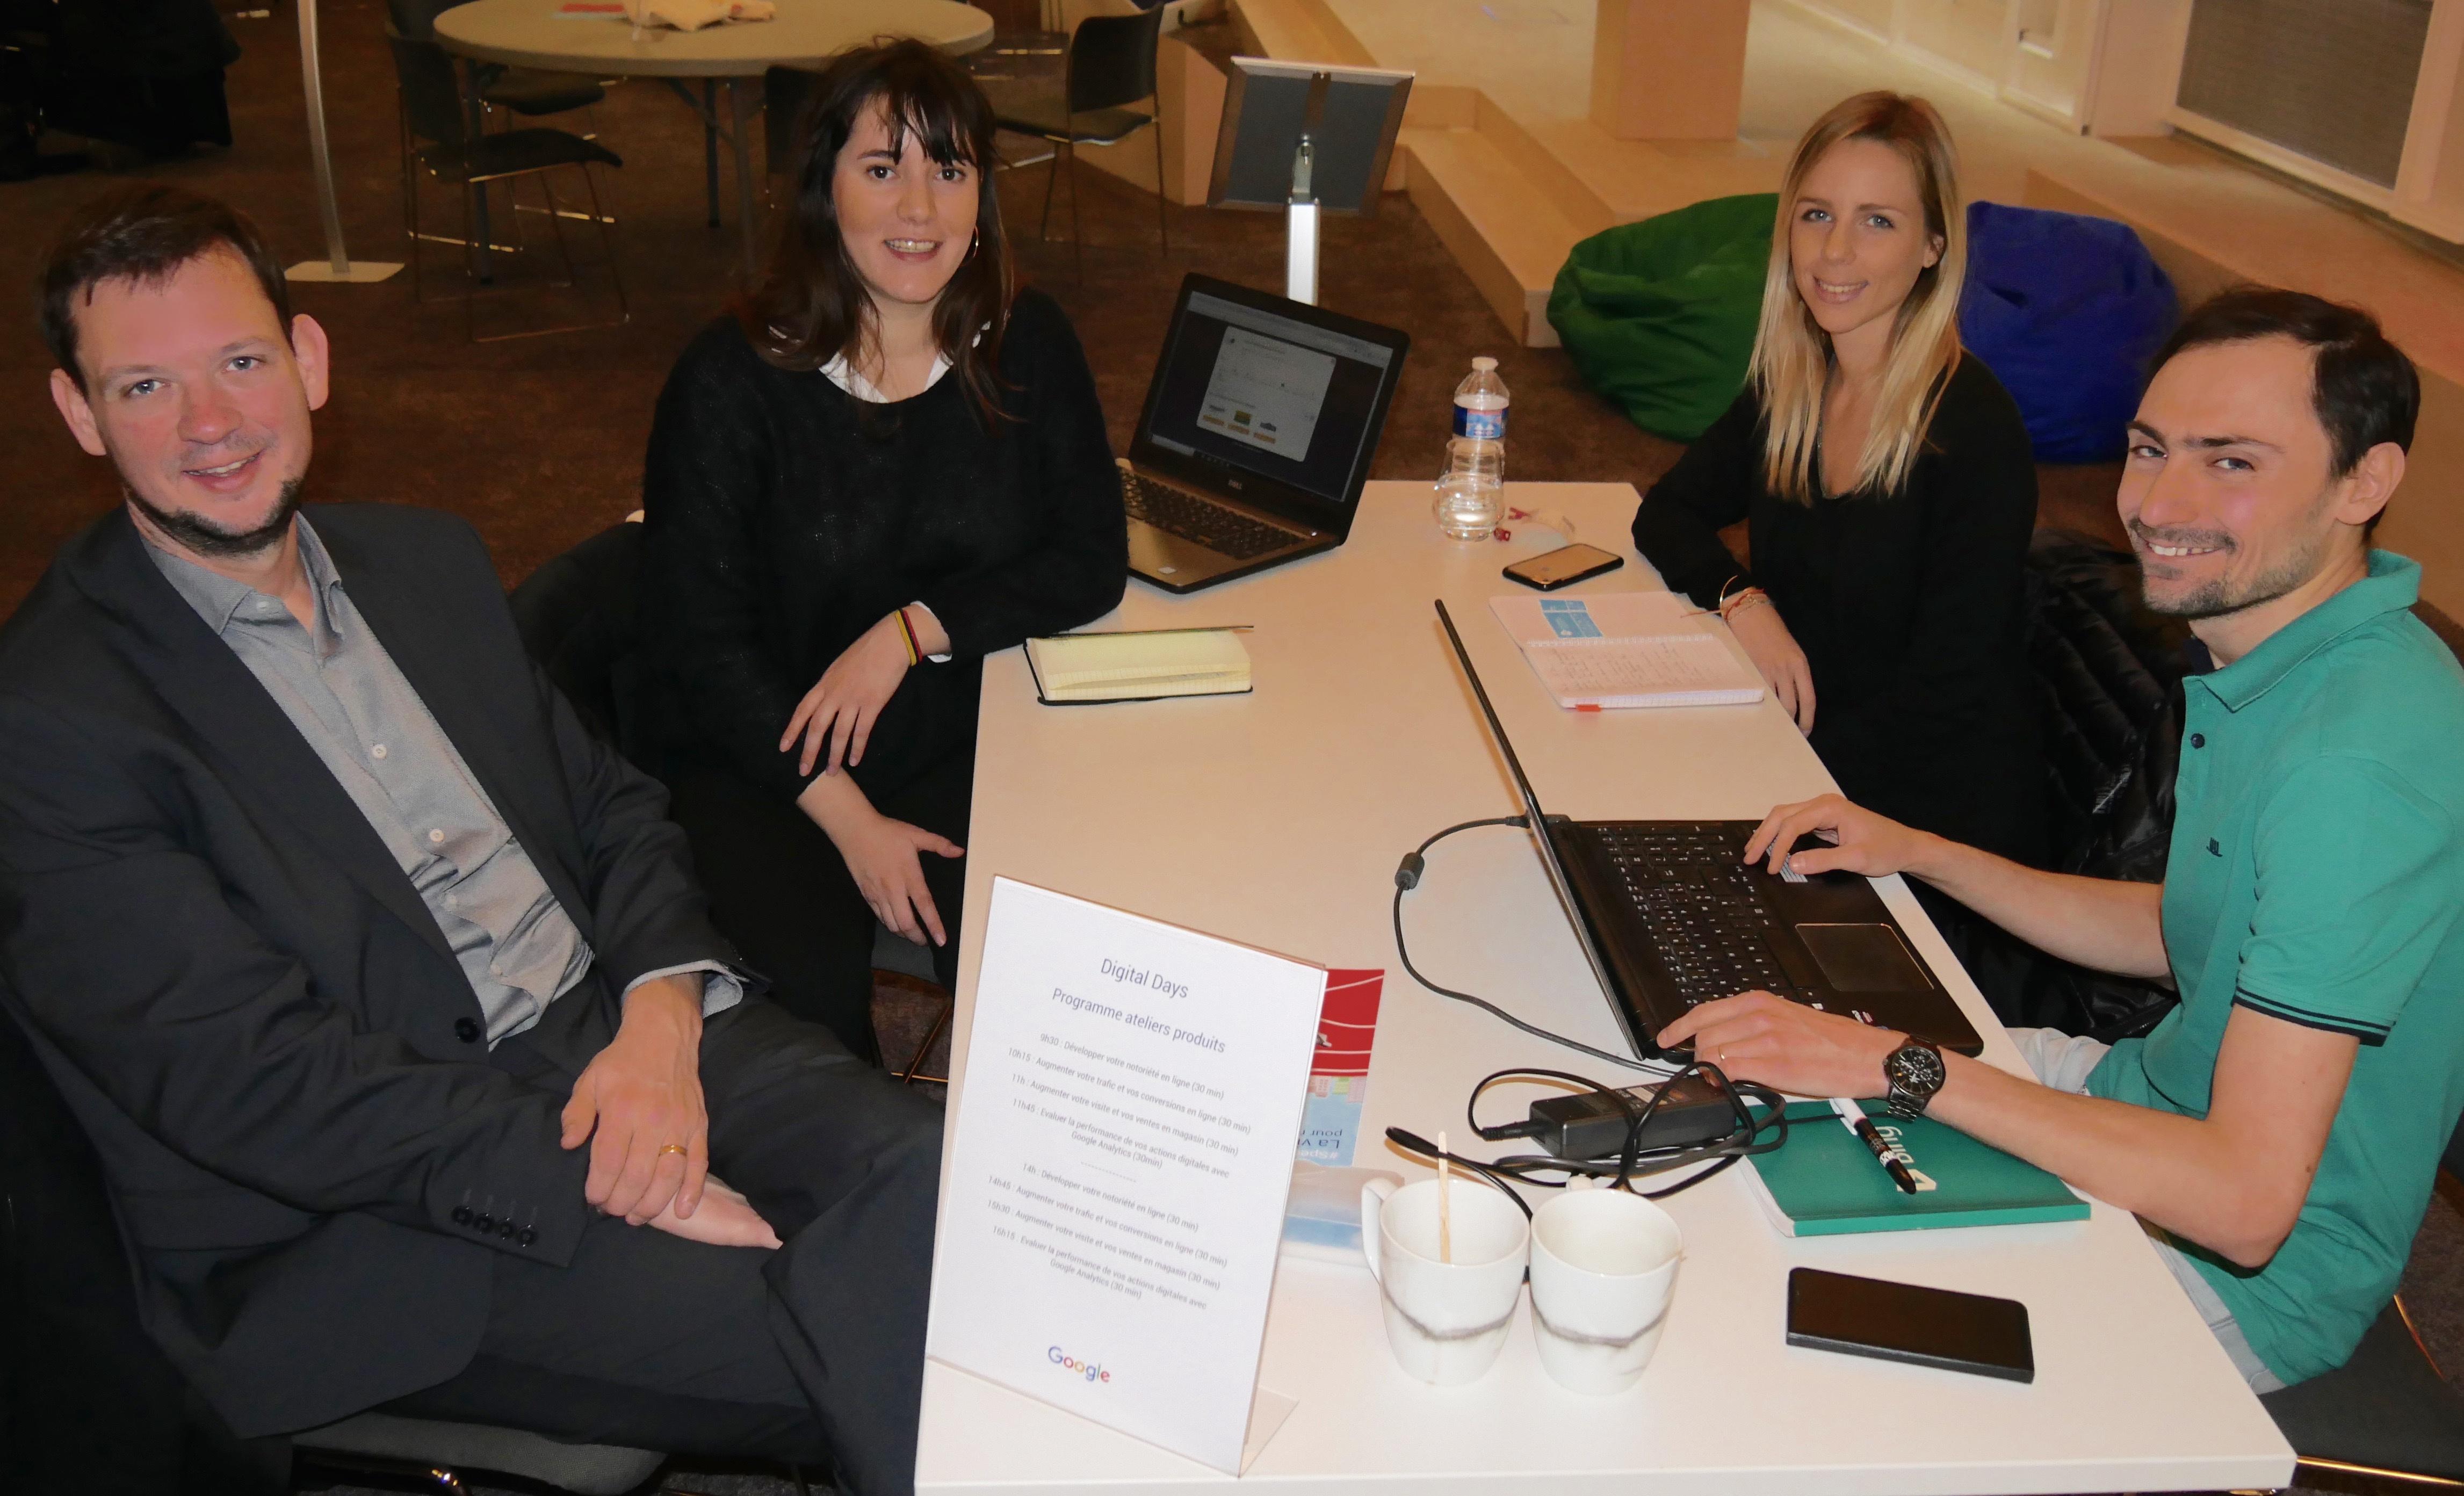 Notre agence Google Partner Premier au Google Digital Days